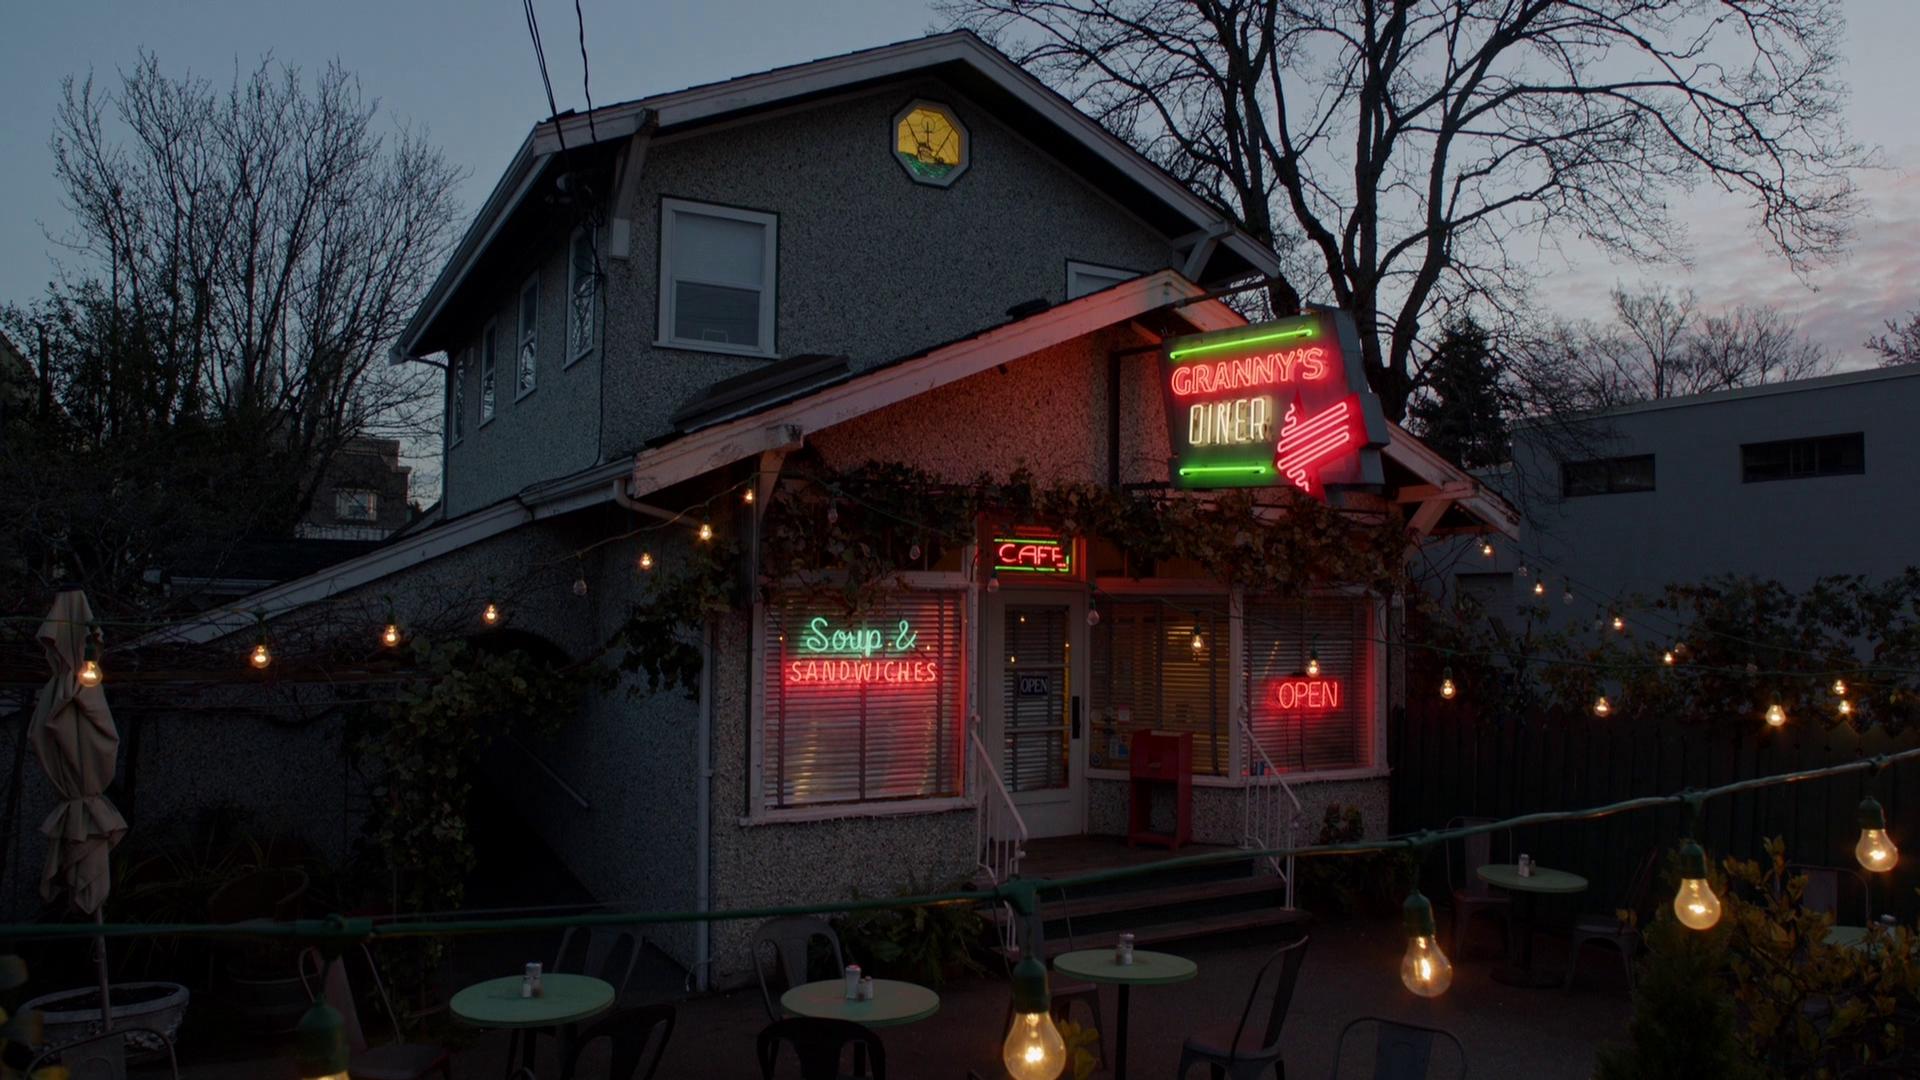 Granny's Diner